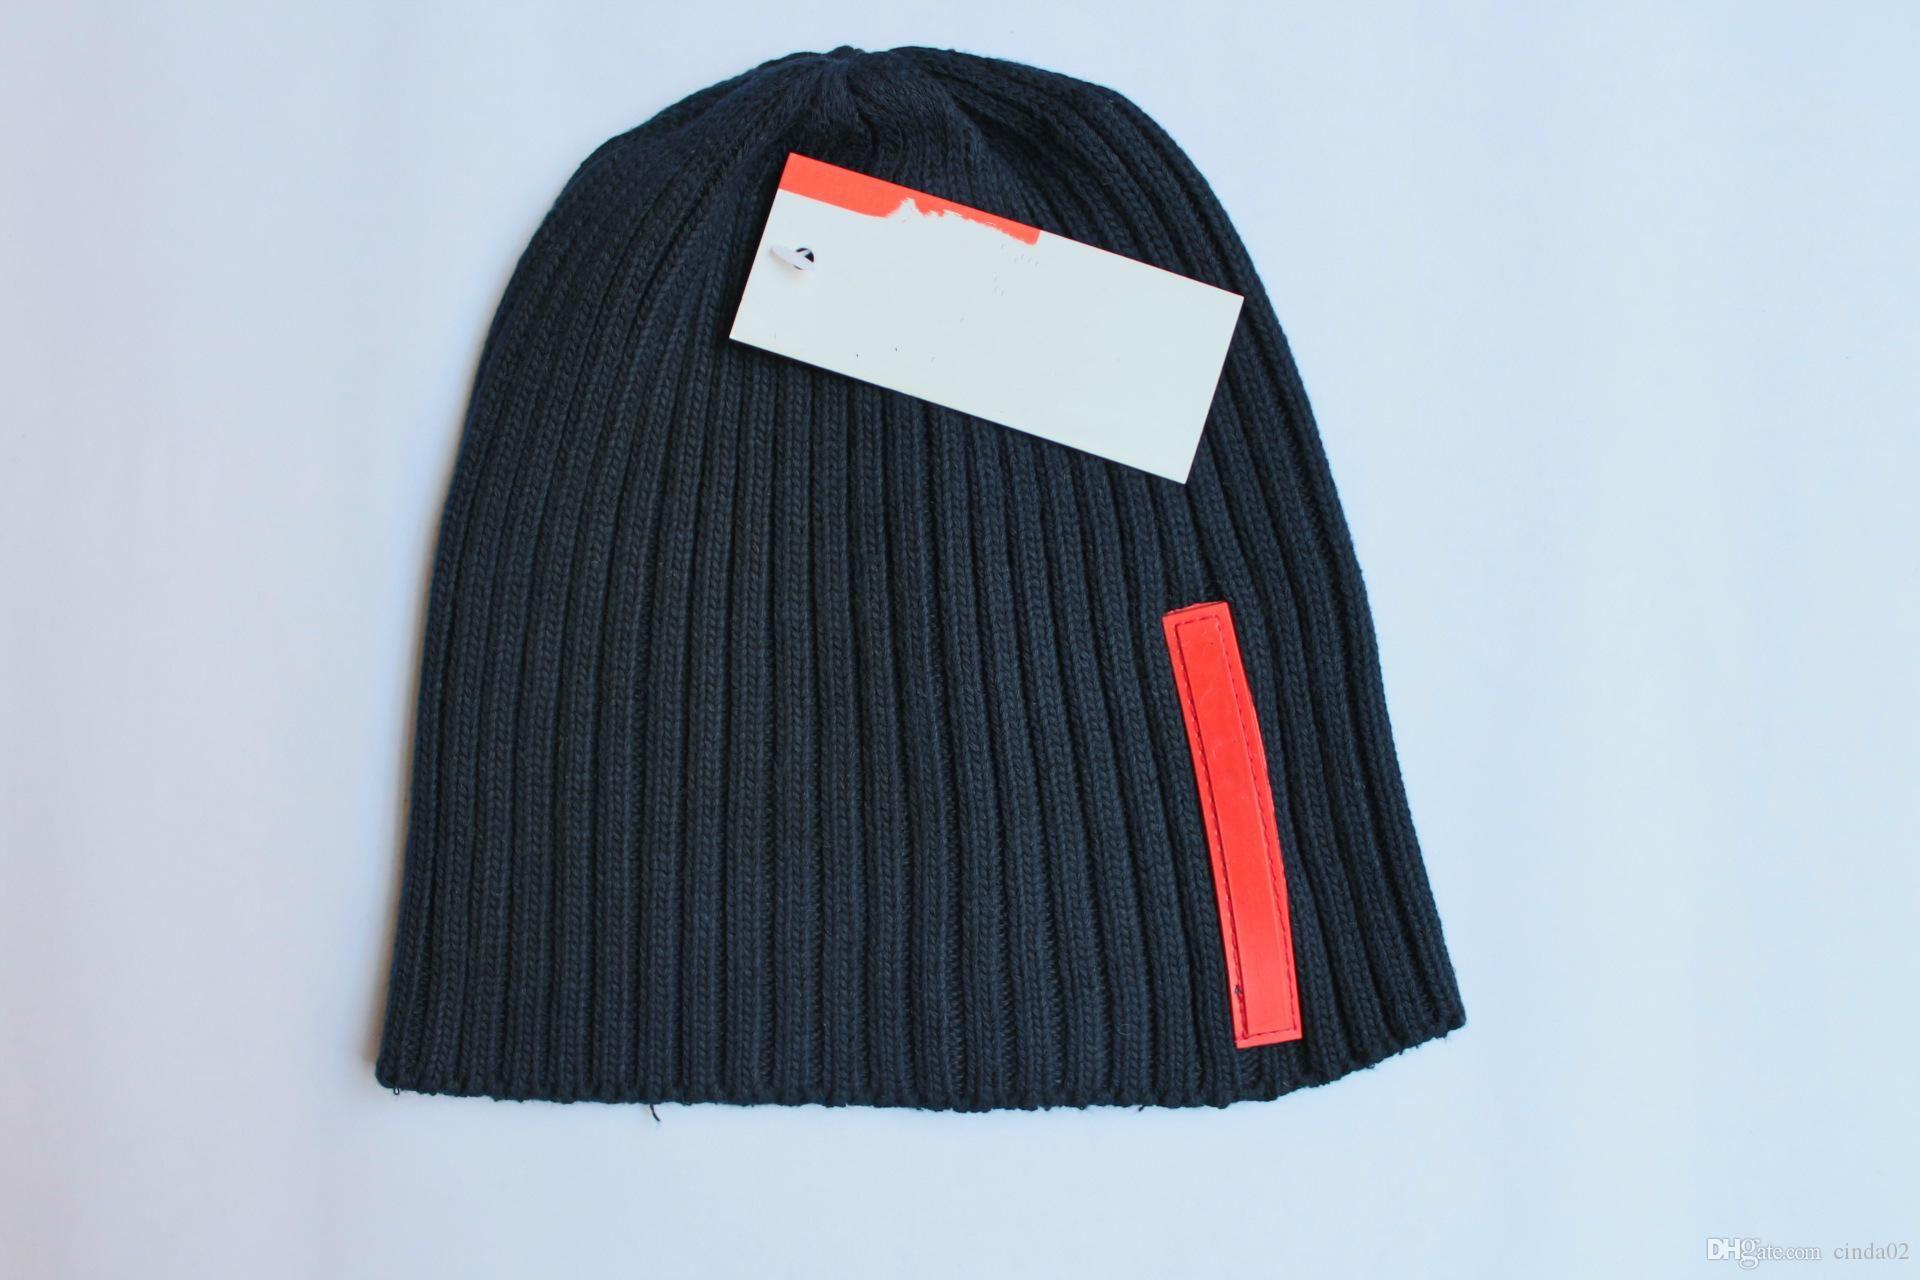 Kadınlar Erkekler Marka Tasarımcı Moda kasketleri Skullies Chapéu İçin Sonbahar Kış Şapka Pamuk gorros Toucas De Inverno Macka Caps